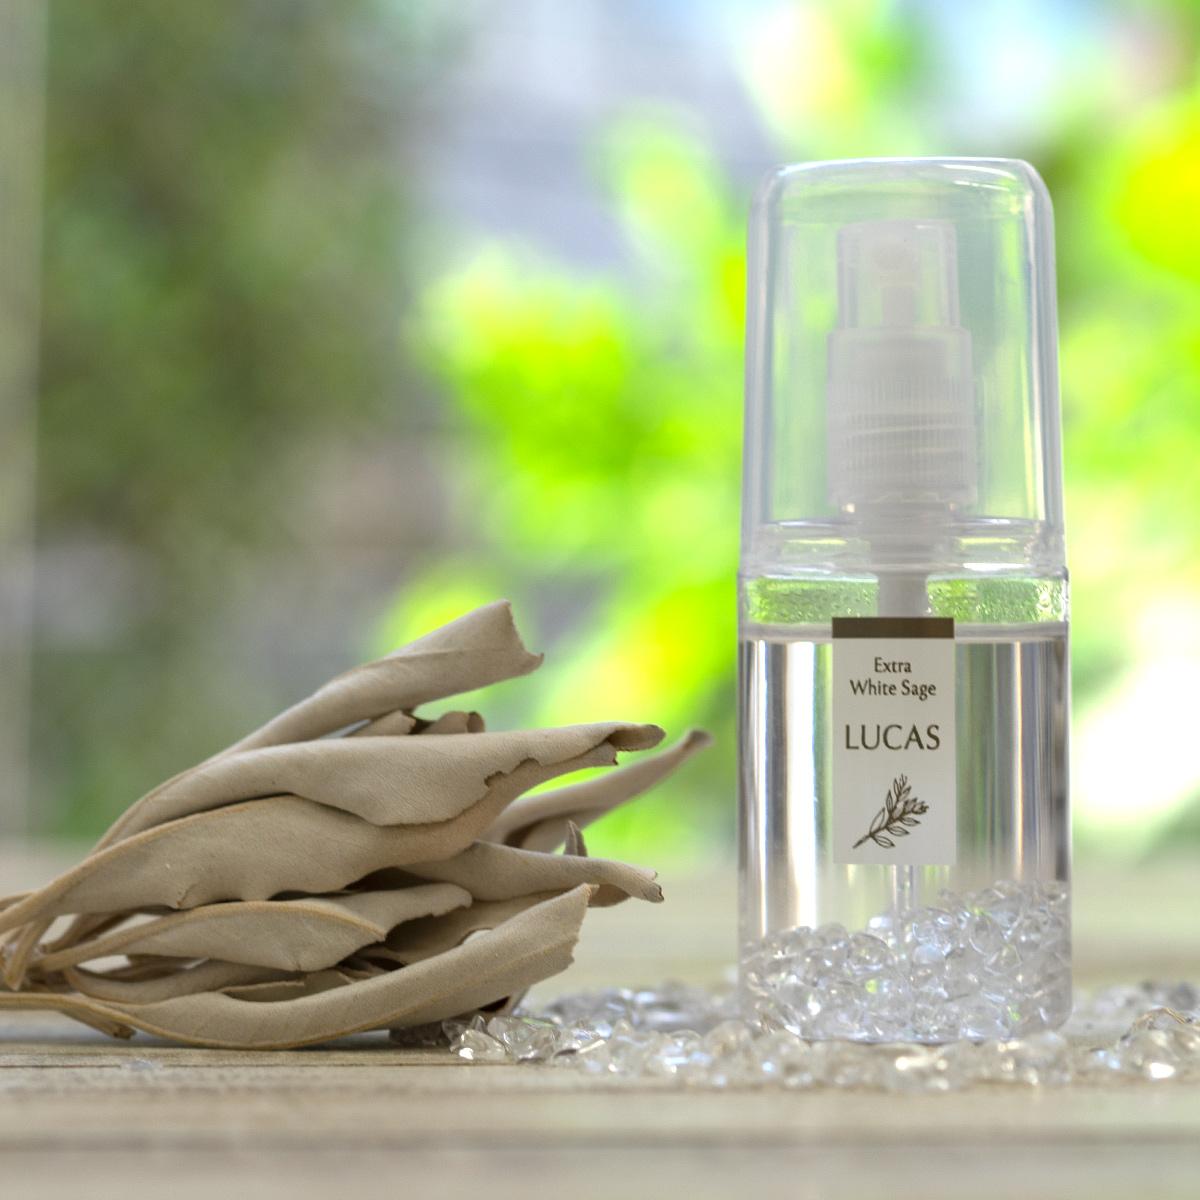 ホワイトセージ 浄化スプレー ルカス ポケットサイズ  【天然成分100% ホワイトセージ&天然石の種類ごとに6種類の香り】